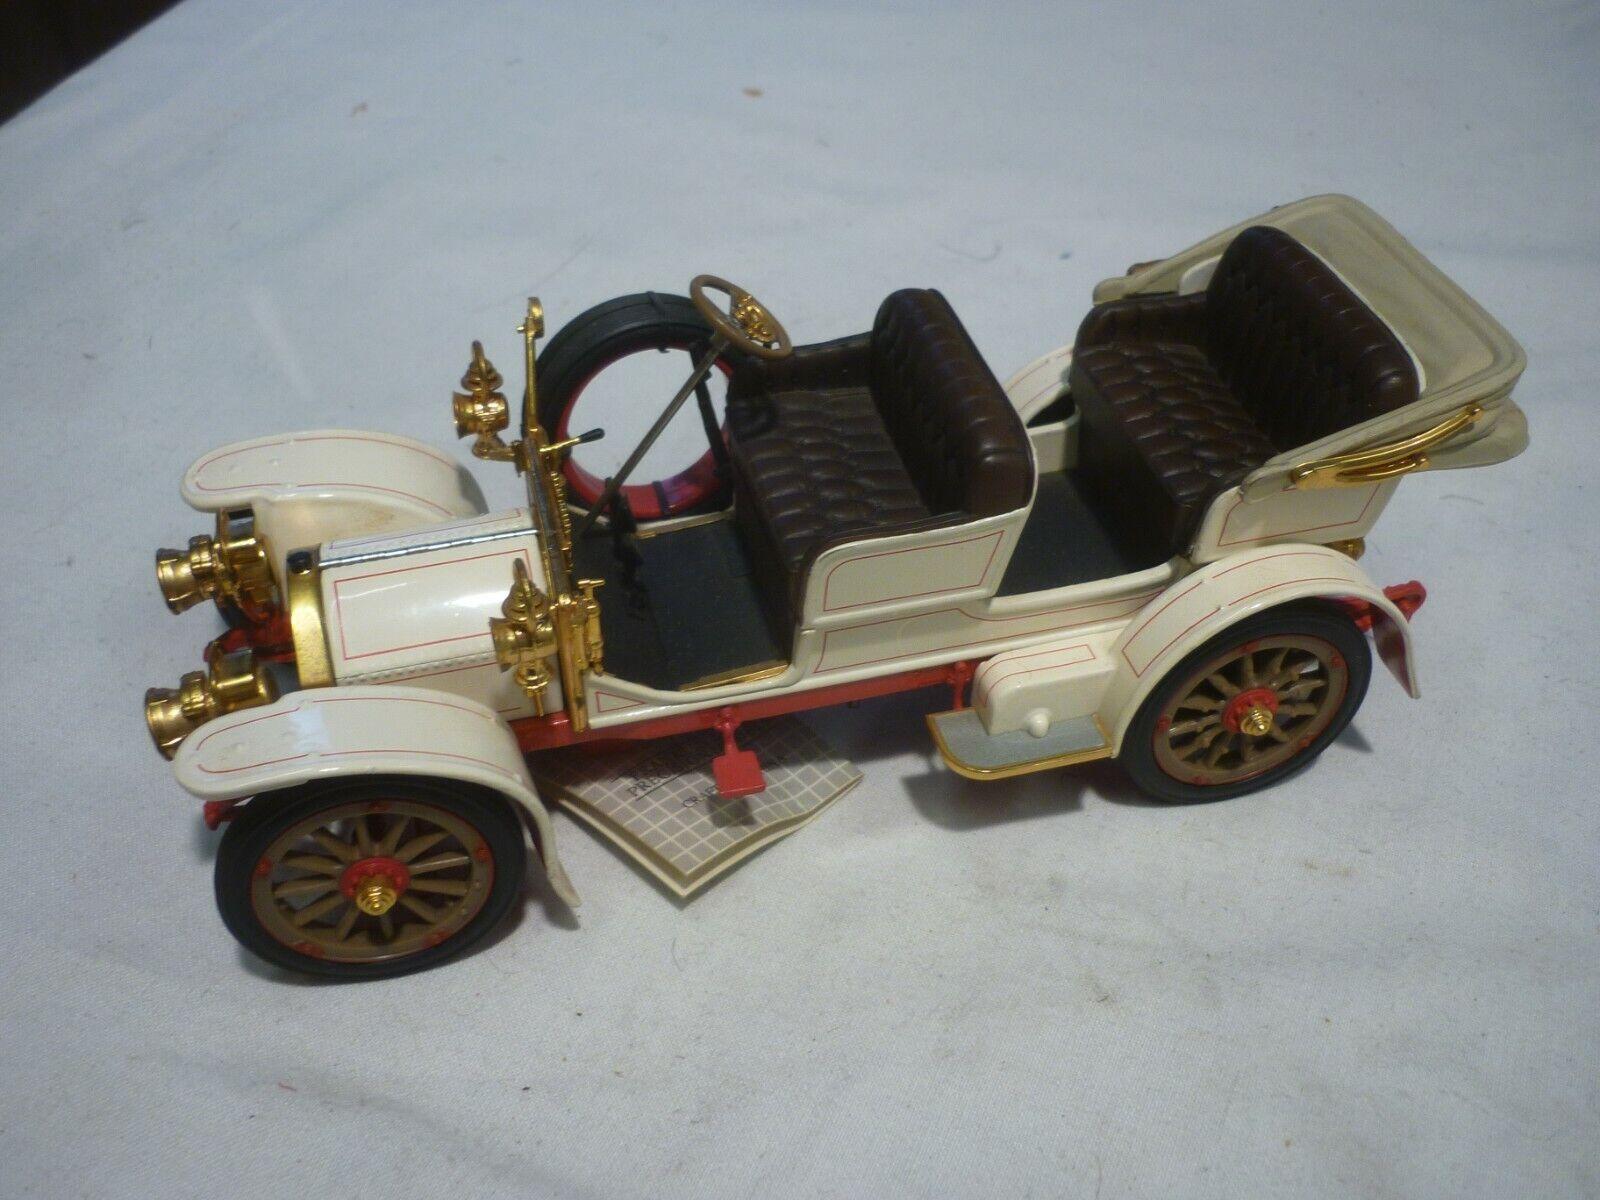 Un Franklin Comme neuf scale model voiture 1904 Mercedes Benz Simplex